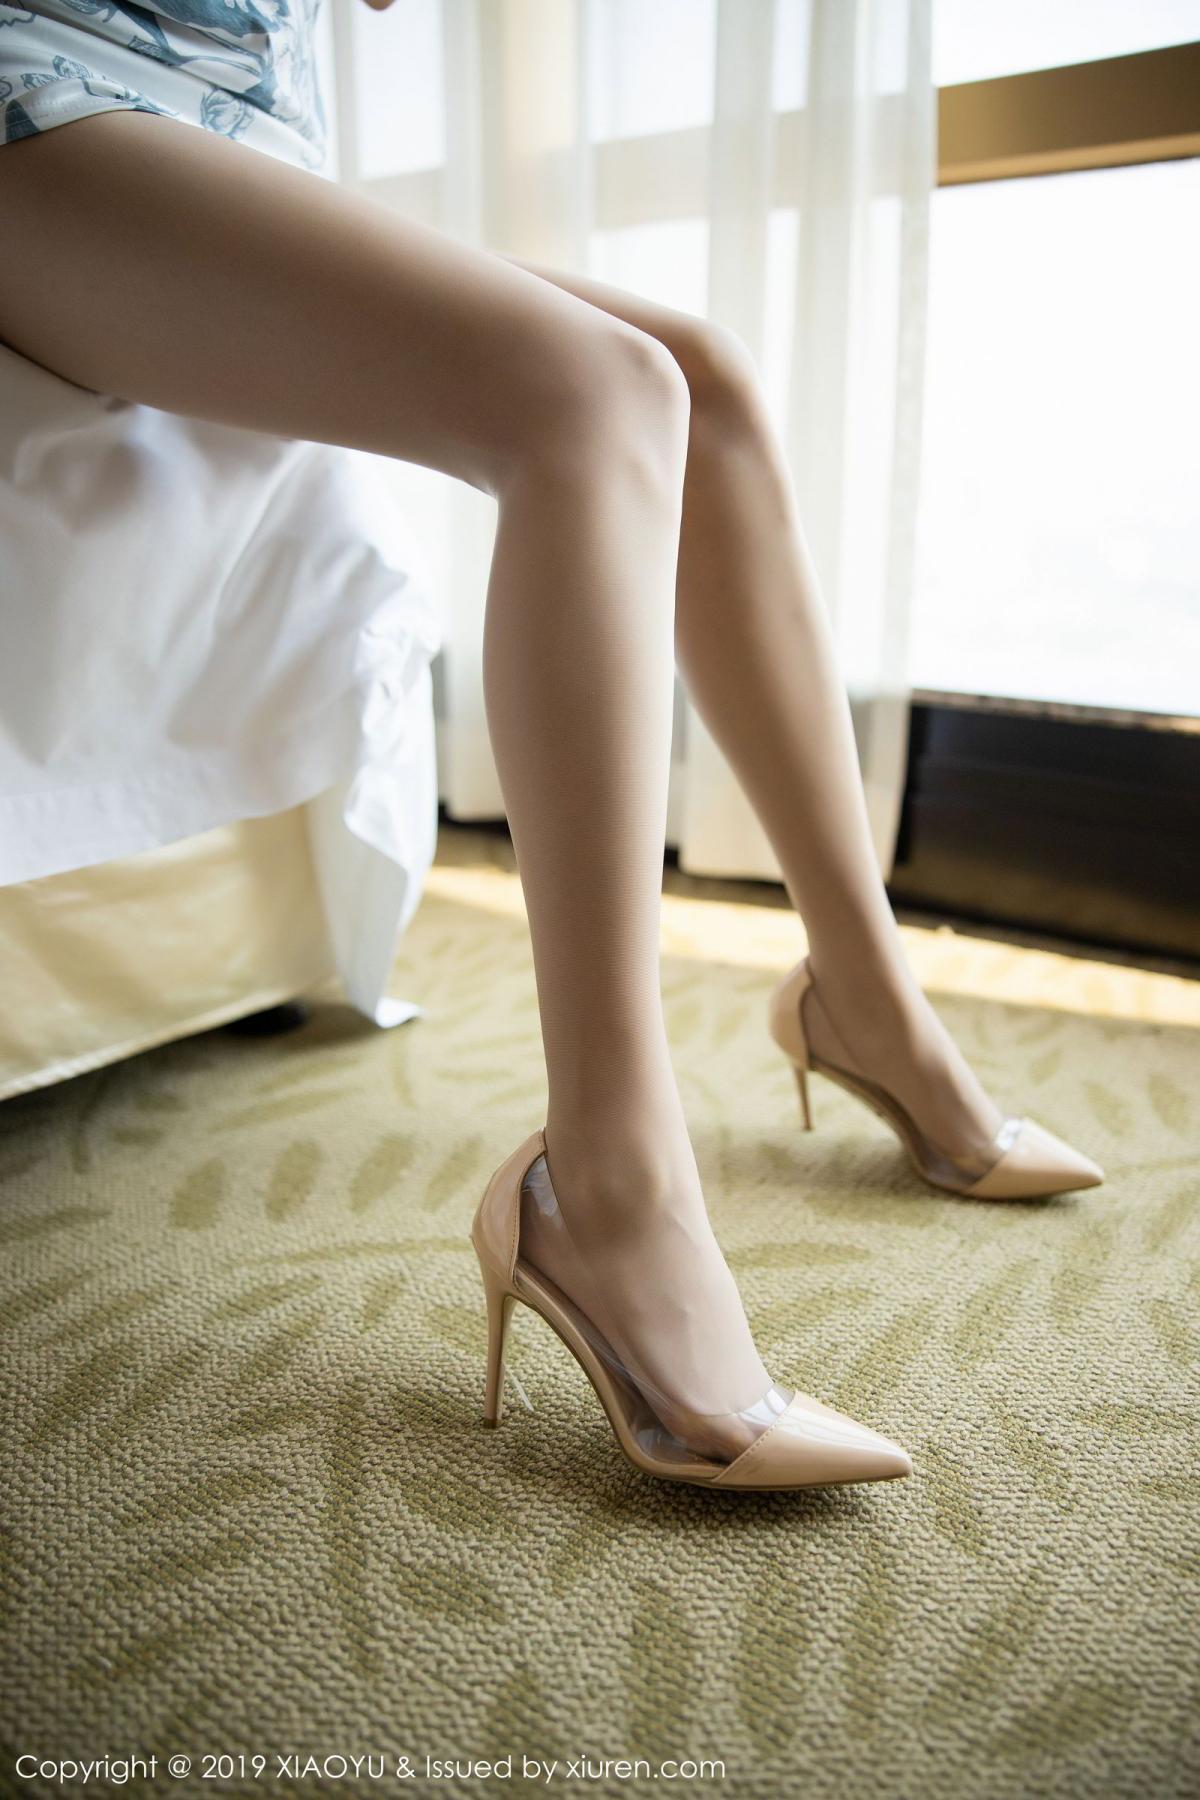 [XiaoYu] Vol.200 Miko Jiang 61P, Miko Jiang, Slim, Tall, Underwear, XiaoYu